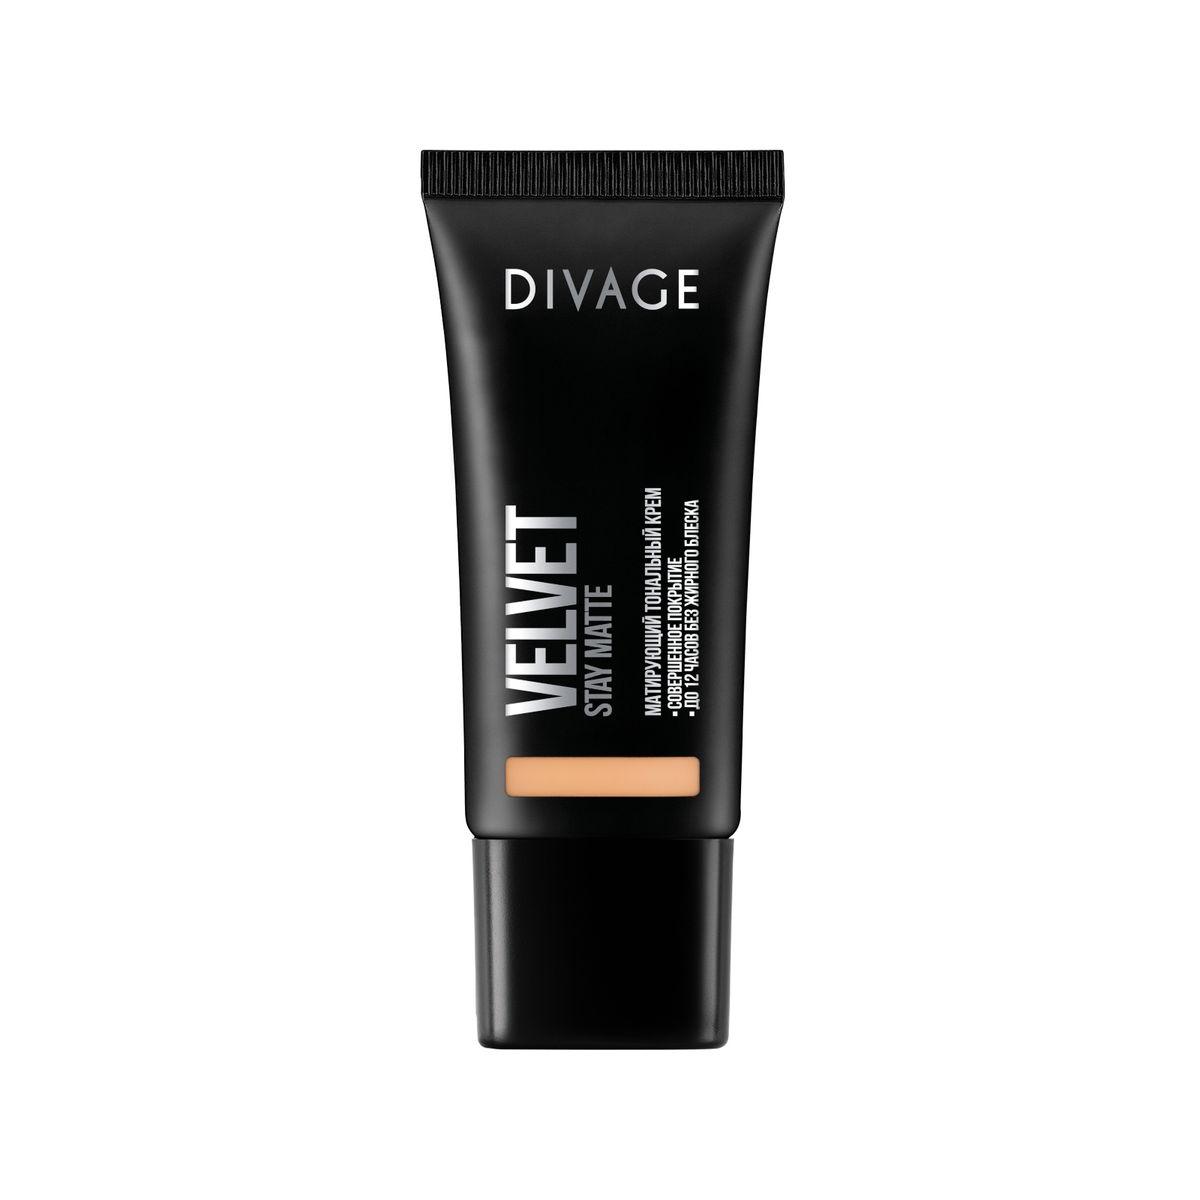 DIVAGE Тональный крем VELVET, тон № 03, 30 мл219647Нежная кремовая текстура обладает тройным действием. Микропигменты идеально выравнивают кожу, маскируя любые недостатки, и создают идеально ровный тон лица, придавая коже бархатное сияние. Витамин Е защищает кожу от вредного воздействия окружающей среды. Экстракт зеленого чая, входящий в состав формулы, сужает поры и придаёт дополнительную матовость коже лица. Тональный крем держится до 12 часов, сохраняя кожу ровной и гладкой без жирного блеска.